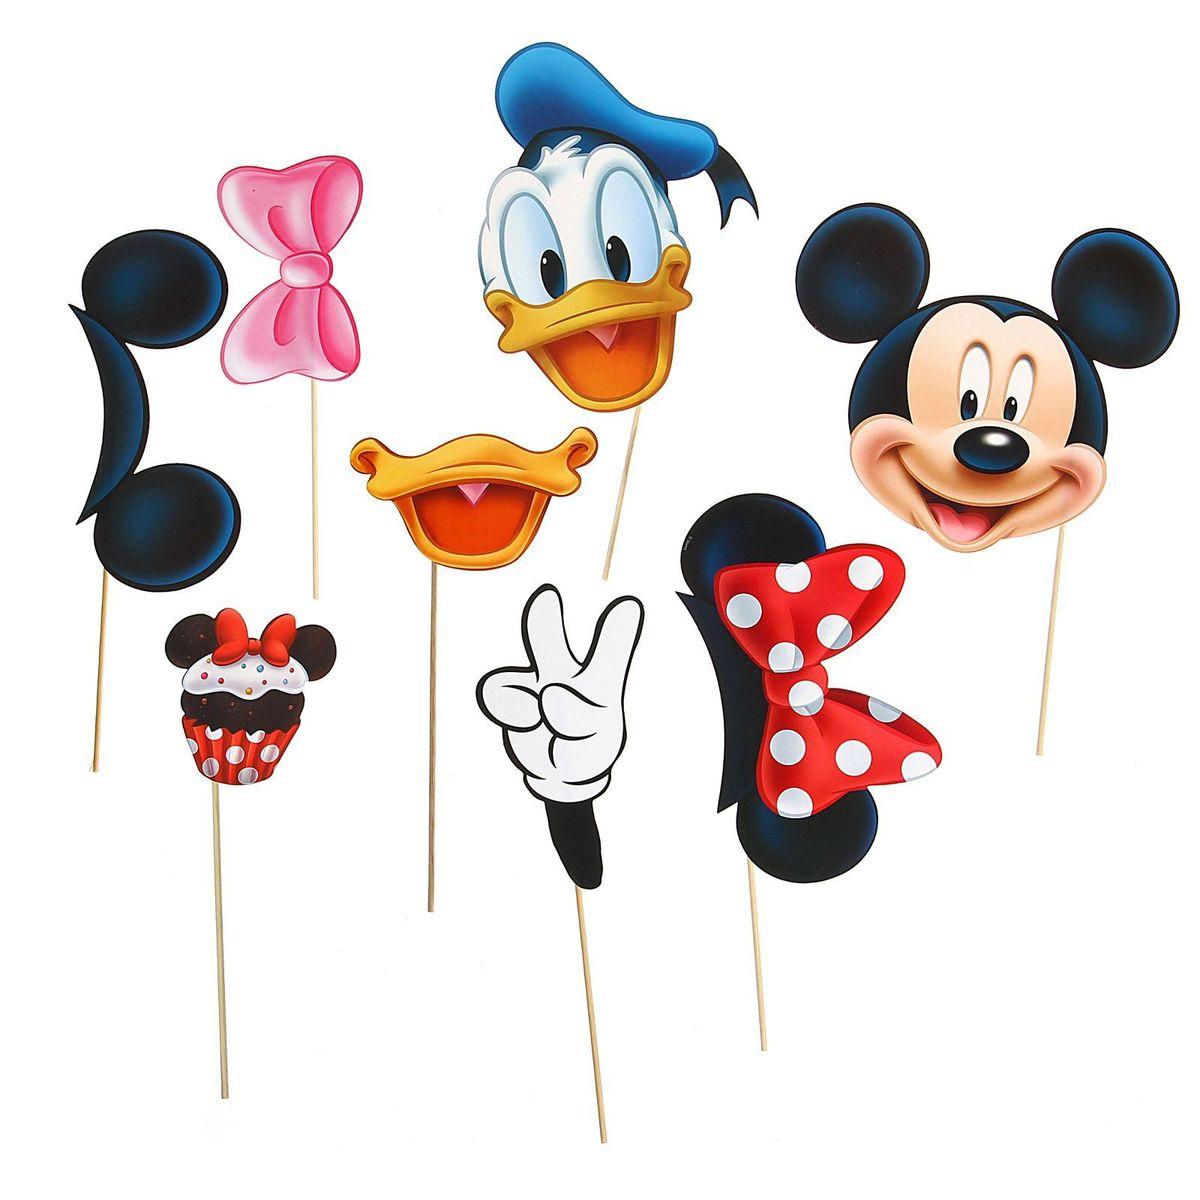 Набор фотобутафории Disney Микки Маус и друзья, 8 предметов фигурки disney traditions фигурка микки и минни маус с колокольчиками с рождеством